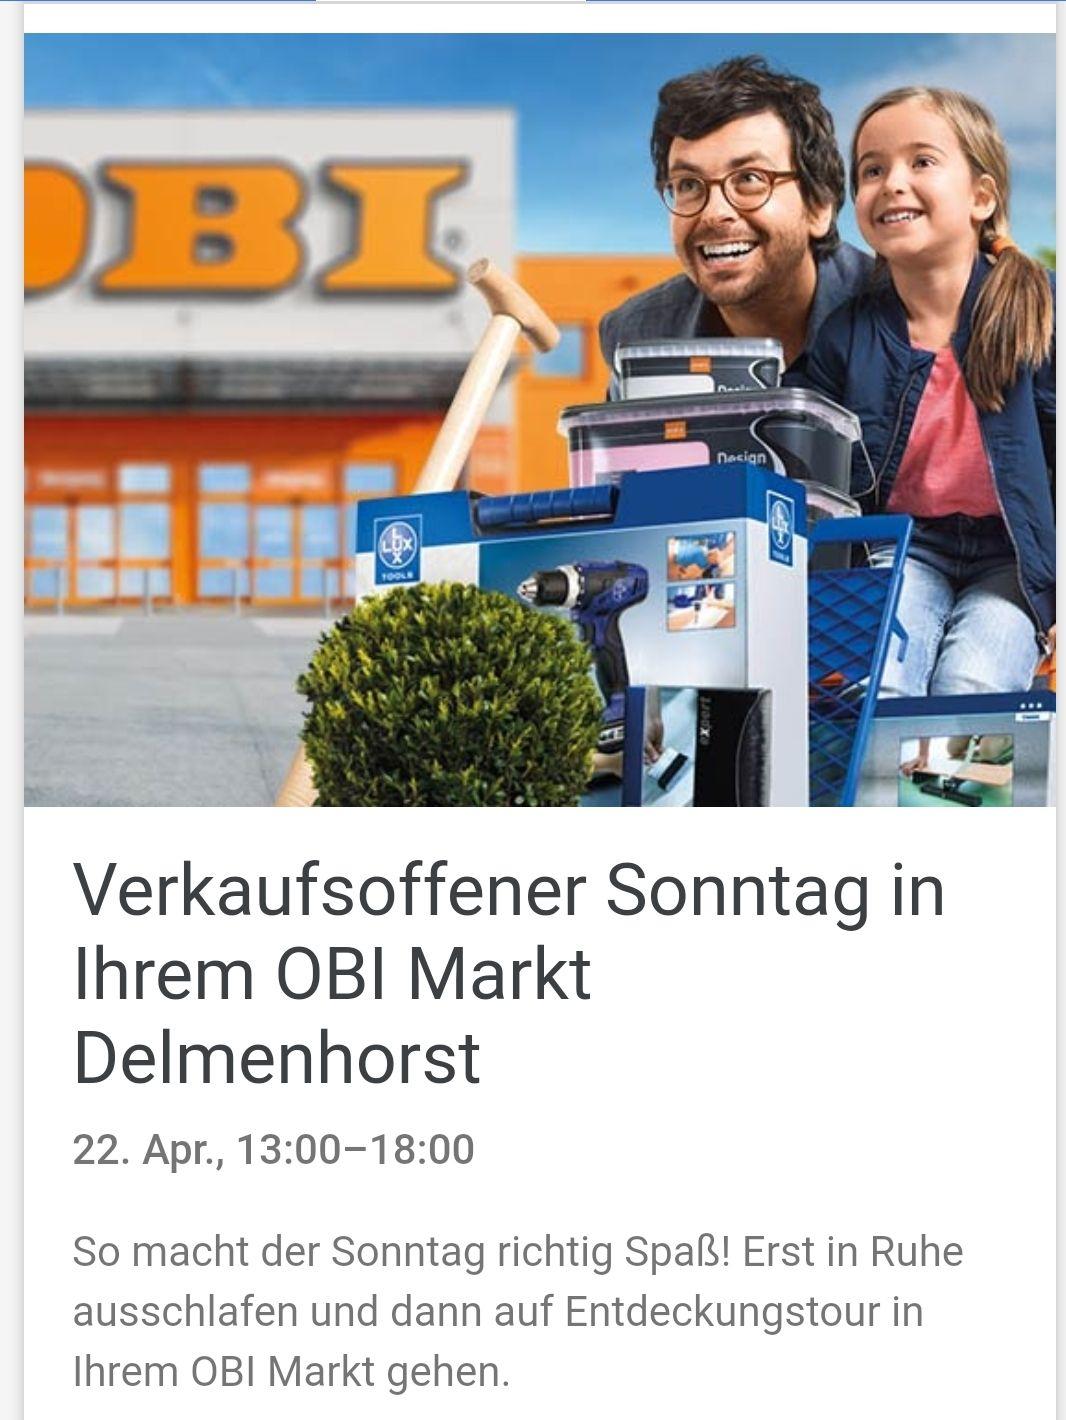 2x 15%* Rabatt Gutscheine für den Verkaufsoffener Sonntag am 22.04. bei [Obi in Delmenhorst + weitere] dadurch z.B. der Weber One-Touch Original 57 cm für 152,99€